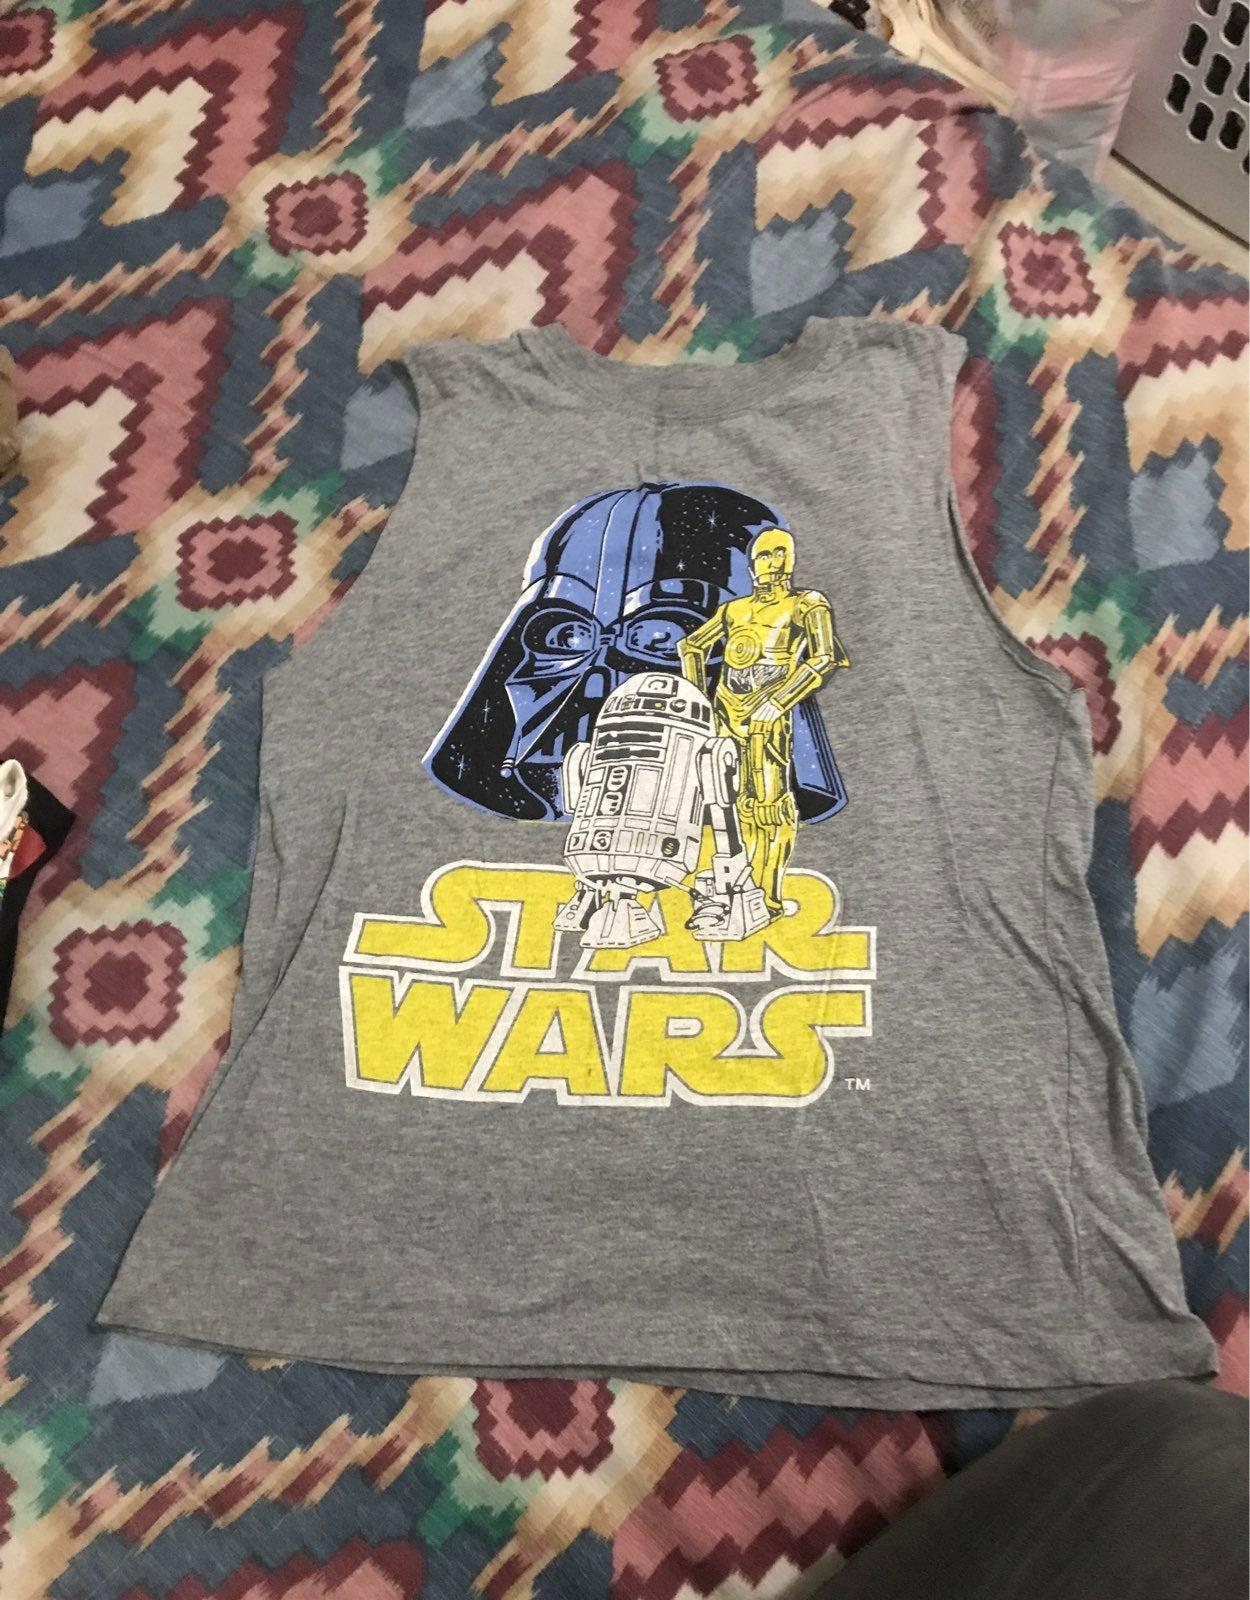 Star wars sleeveless shirt, S